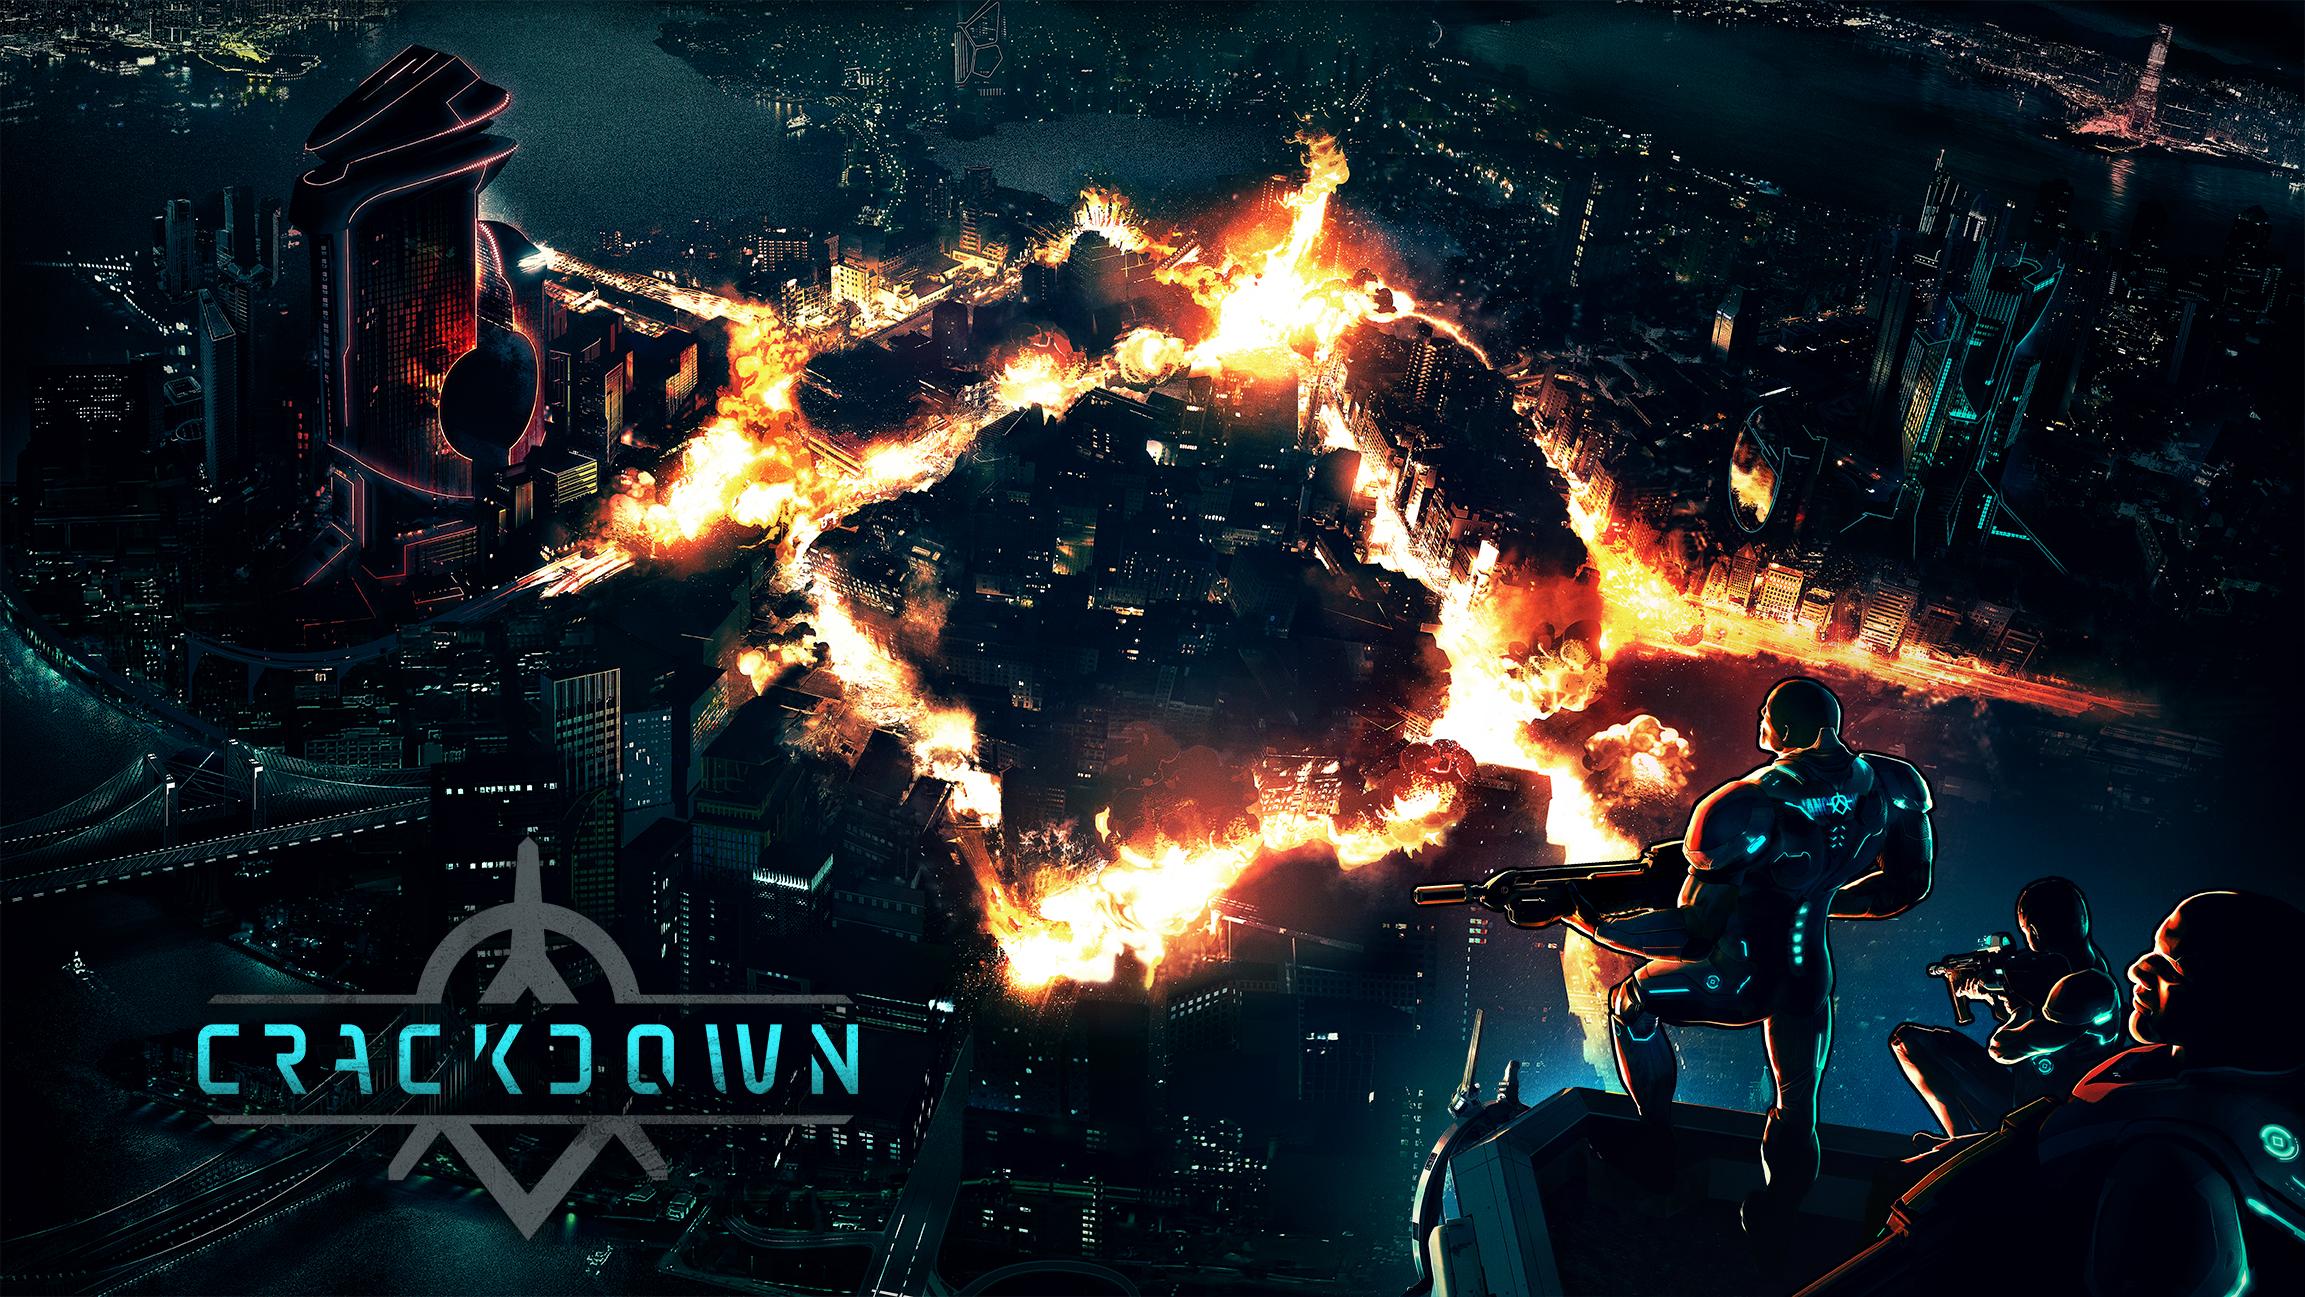 crackdown-teaser-horiz-rgb-jpeg-050114-jpg.jpg